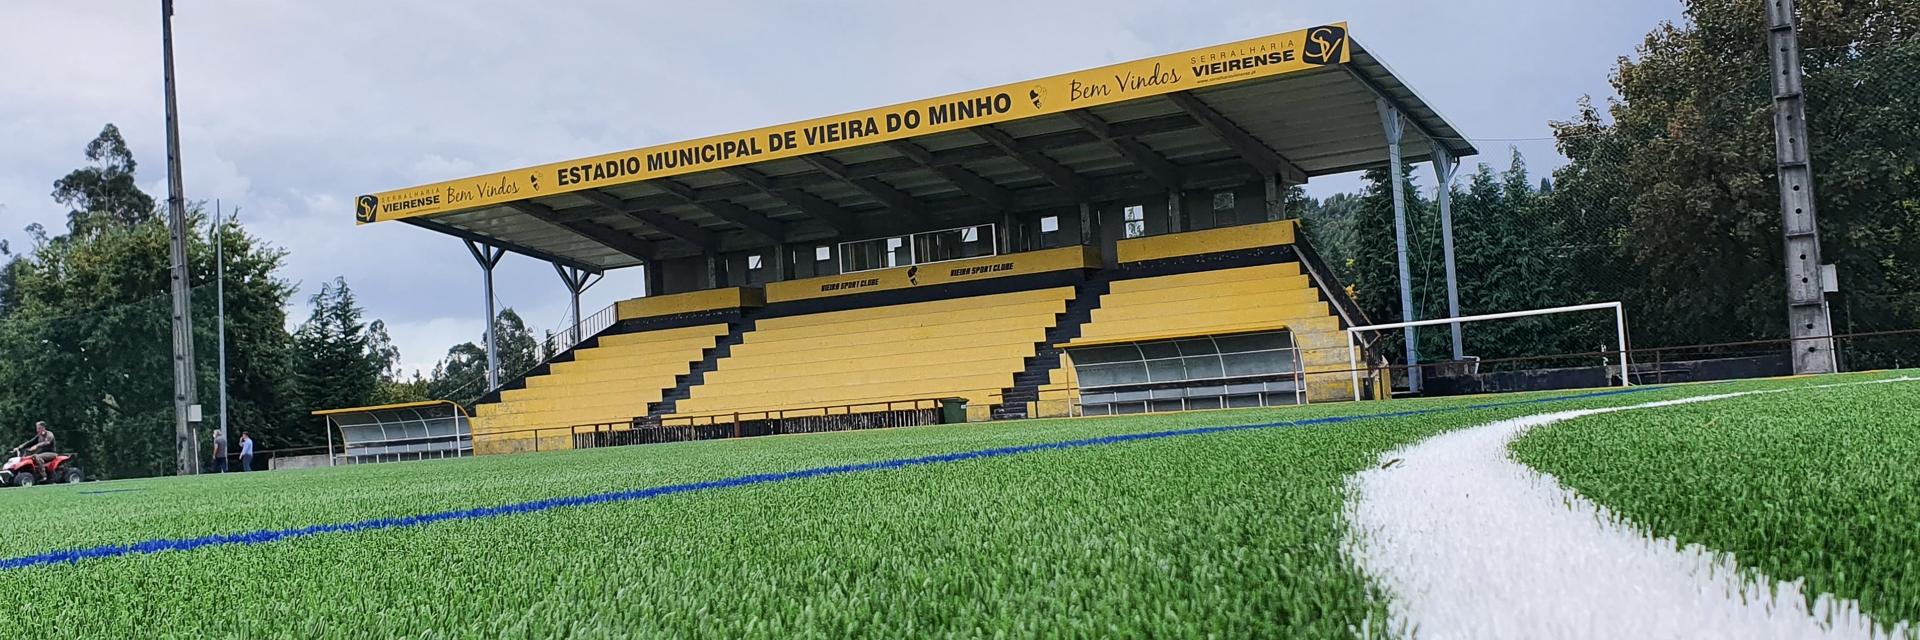 Estádio Municipal com novo relvado sintético